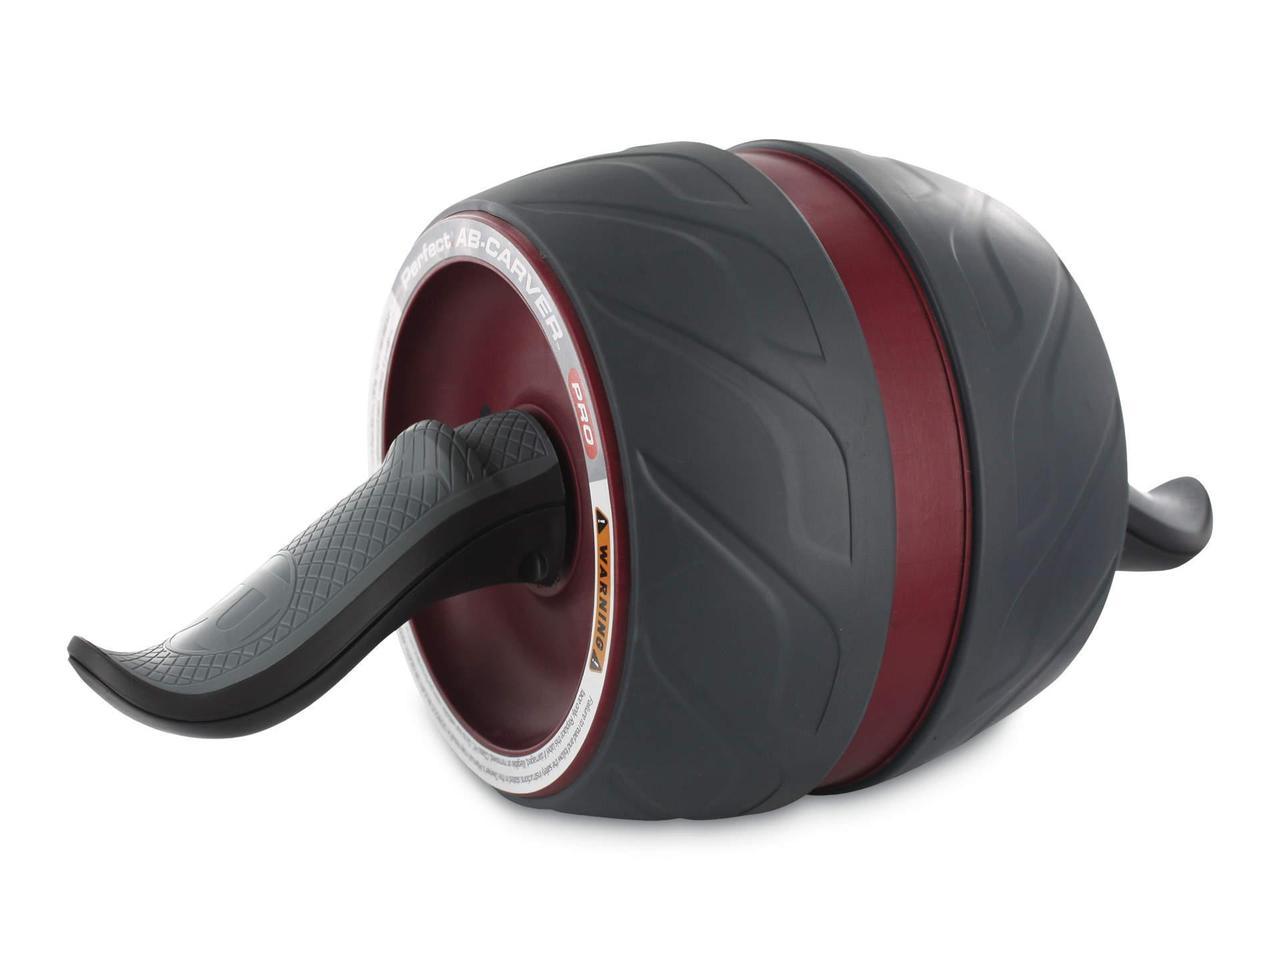 Ролик для пресса с возвратным механизмом с нагрузкой до 136 кг  Черный